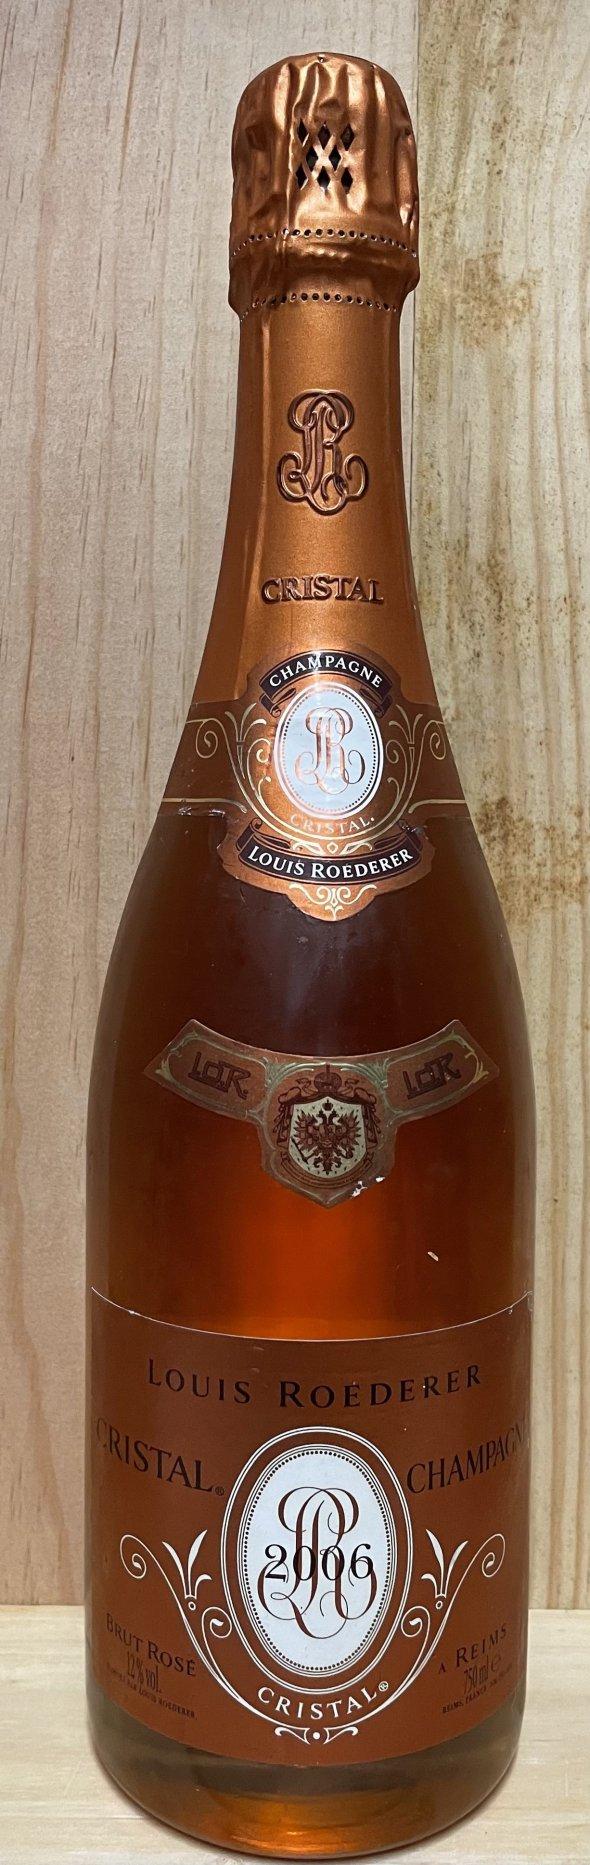 1 bot Krug Rose old released and 1 bot Cristal Rose 2006